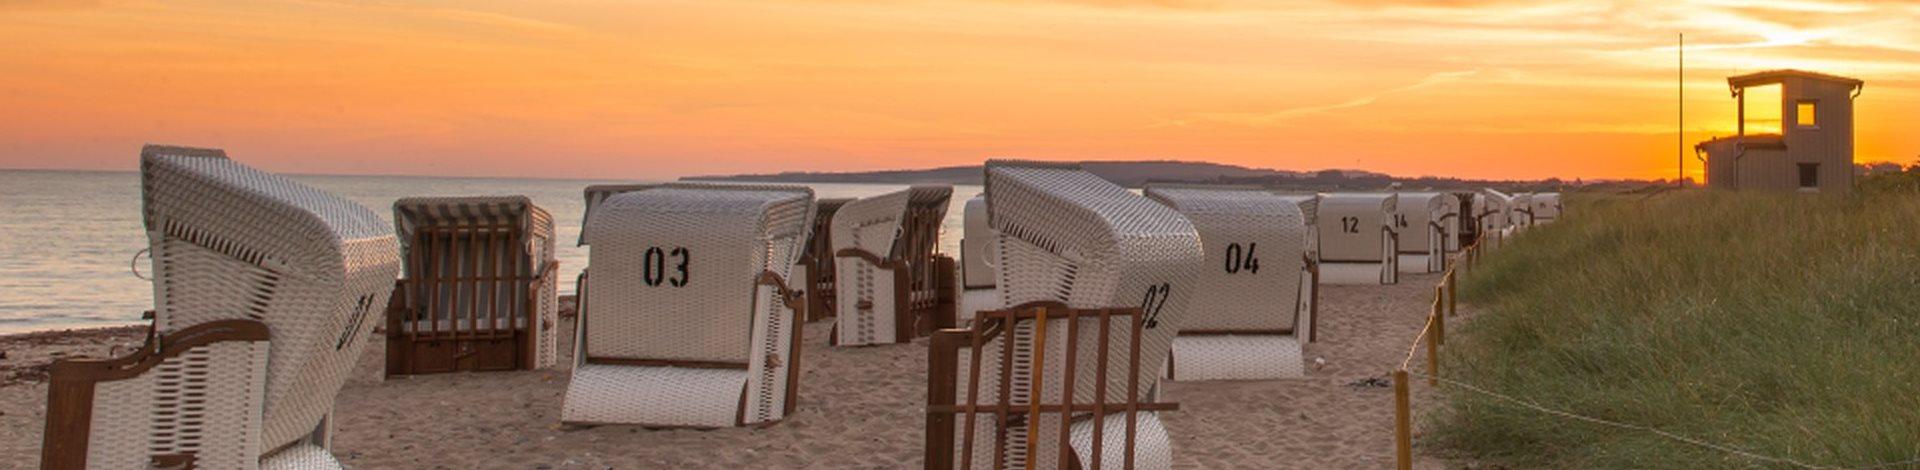 Romantik Hotel Themenzimmer Deutschland